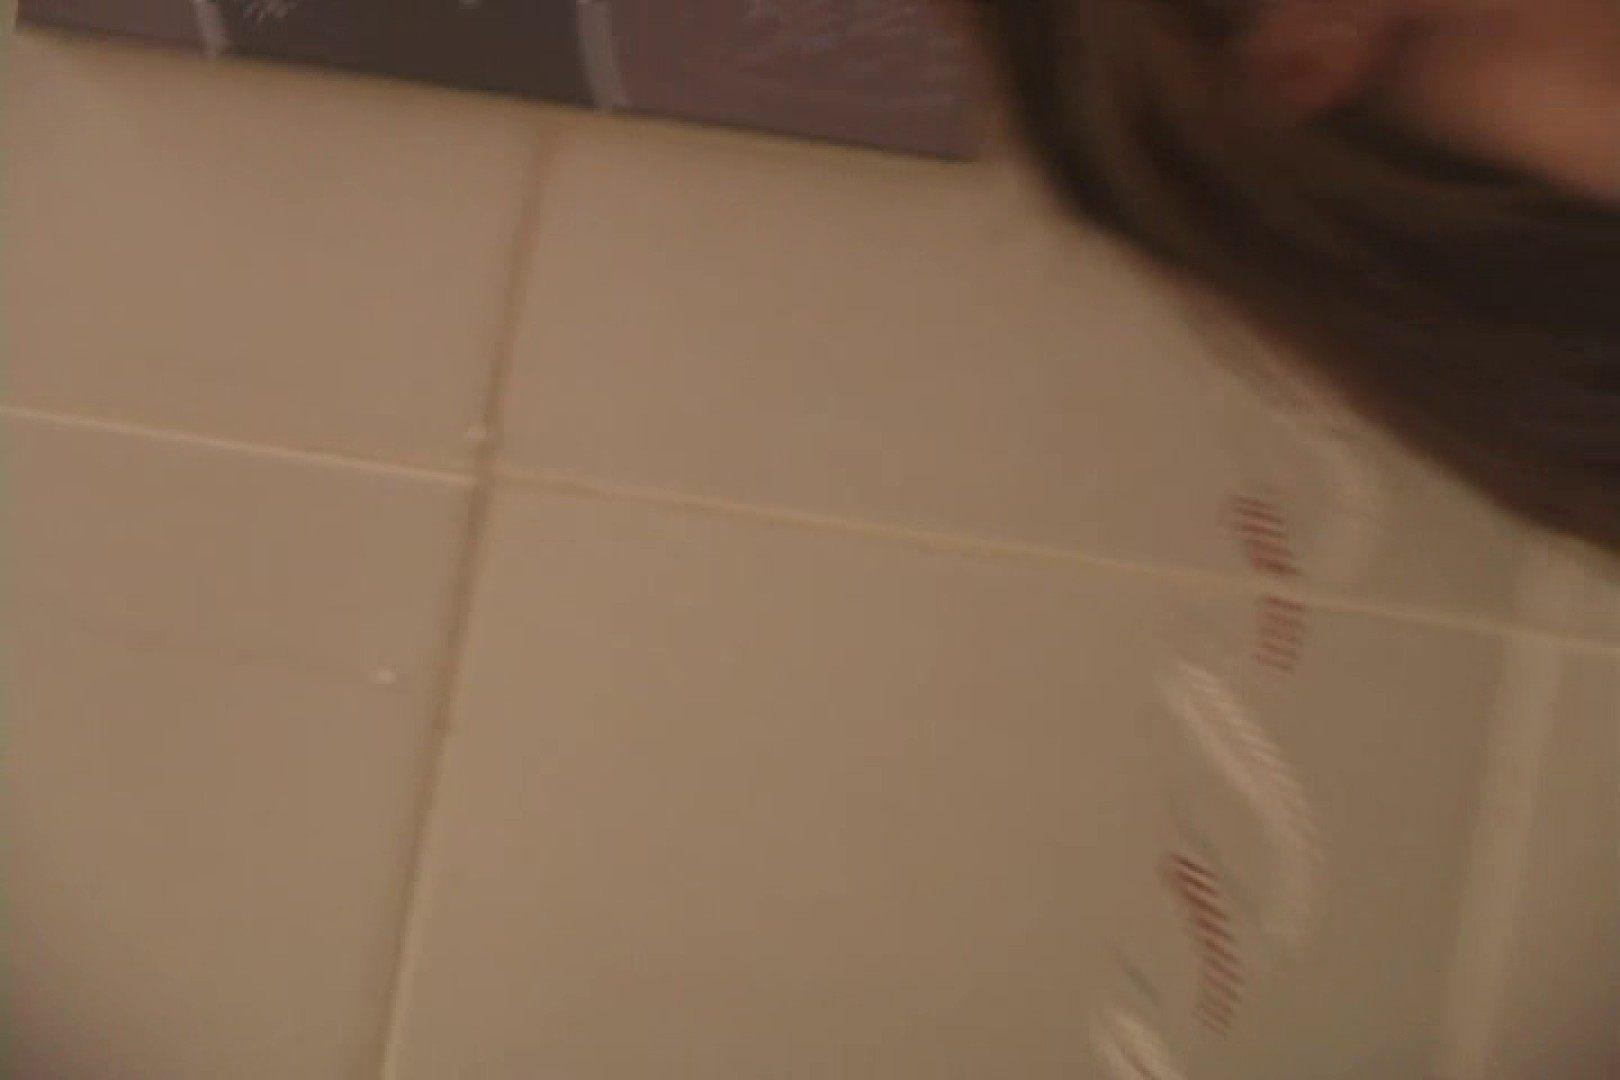 淫乱人妻に癒しを求める若い彼~川口早苗~ 淫乱 セックス画像 67pic 53